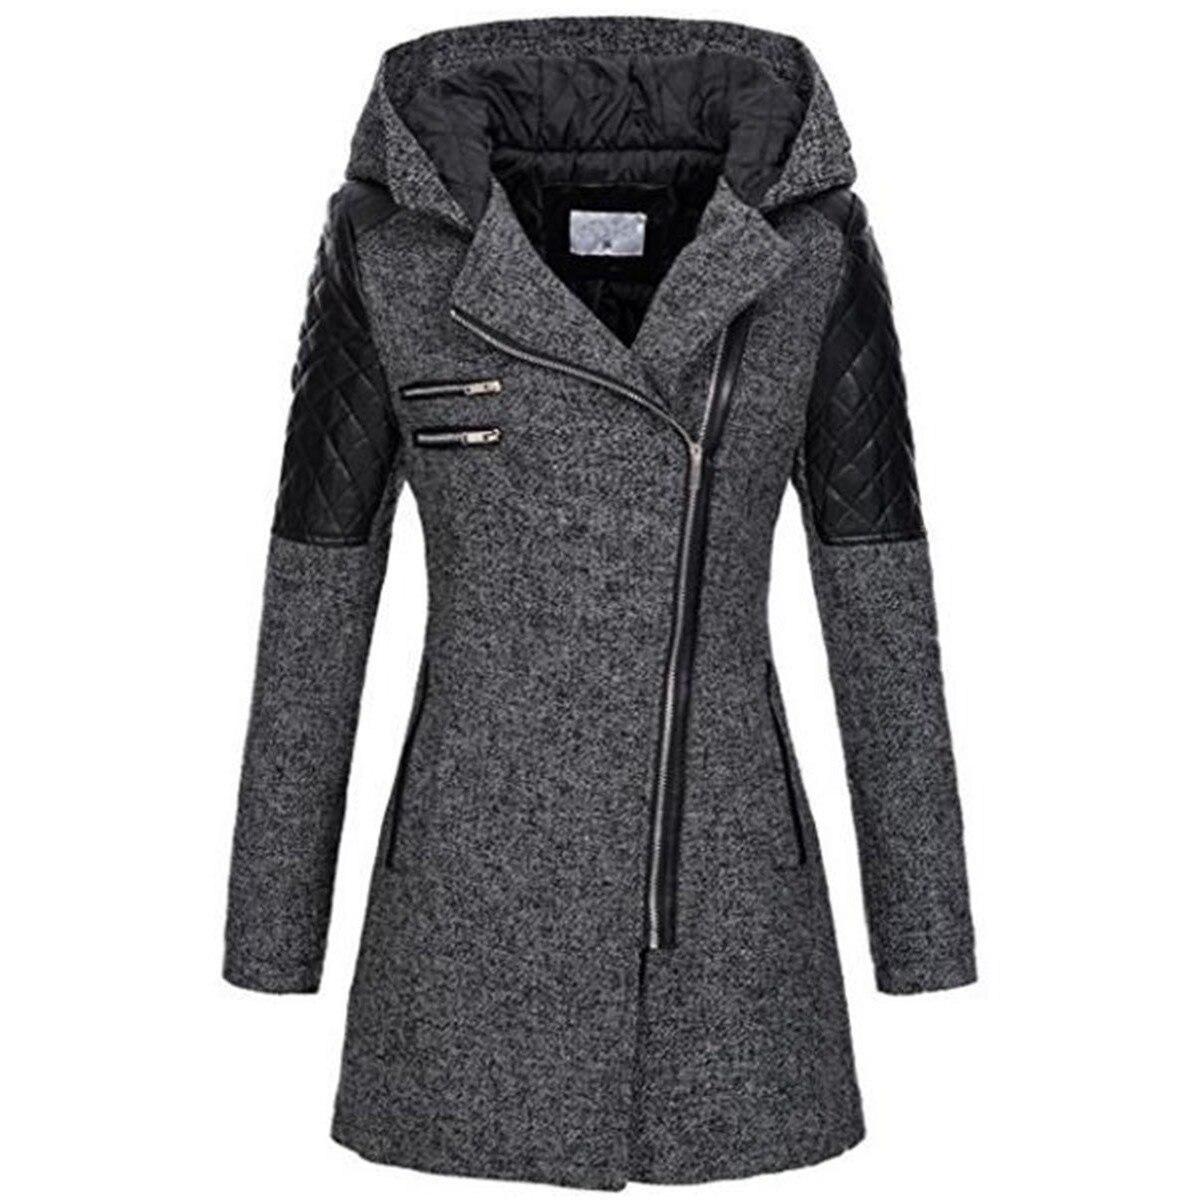 Kinikiss 2019 femmes manteau Zipper automne pull à capuche noir Patchwork manches longues chaud contraste couleur veste hiver manteaux & vestes